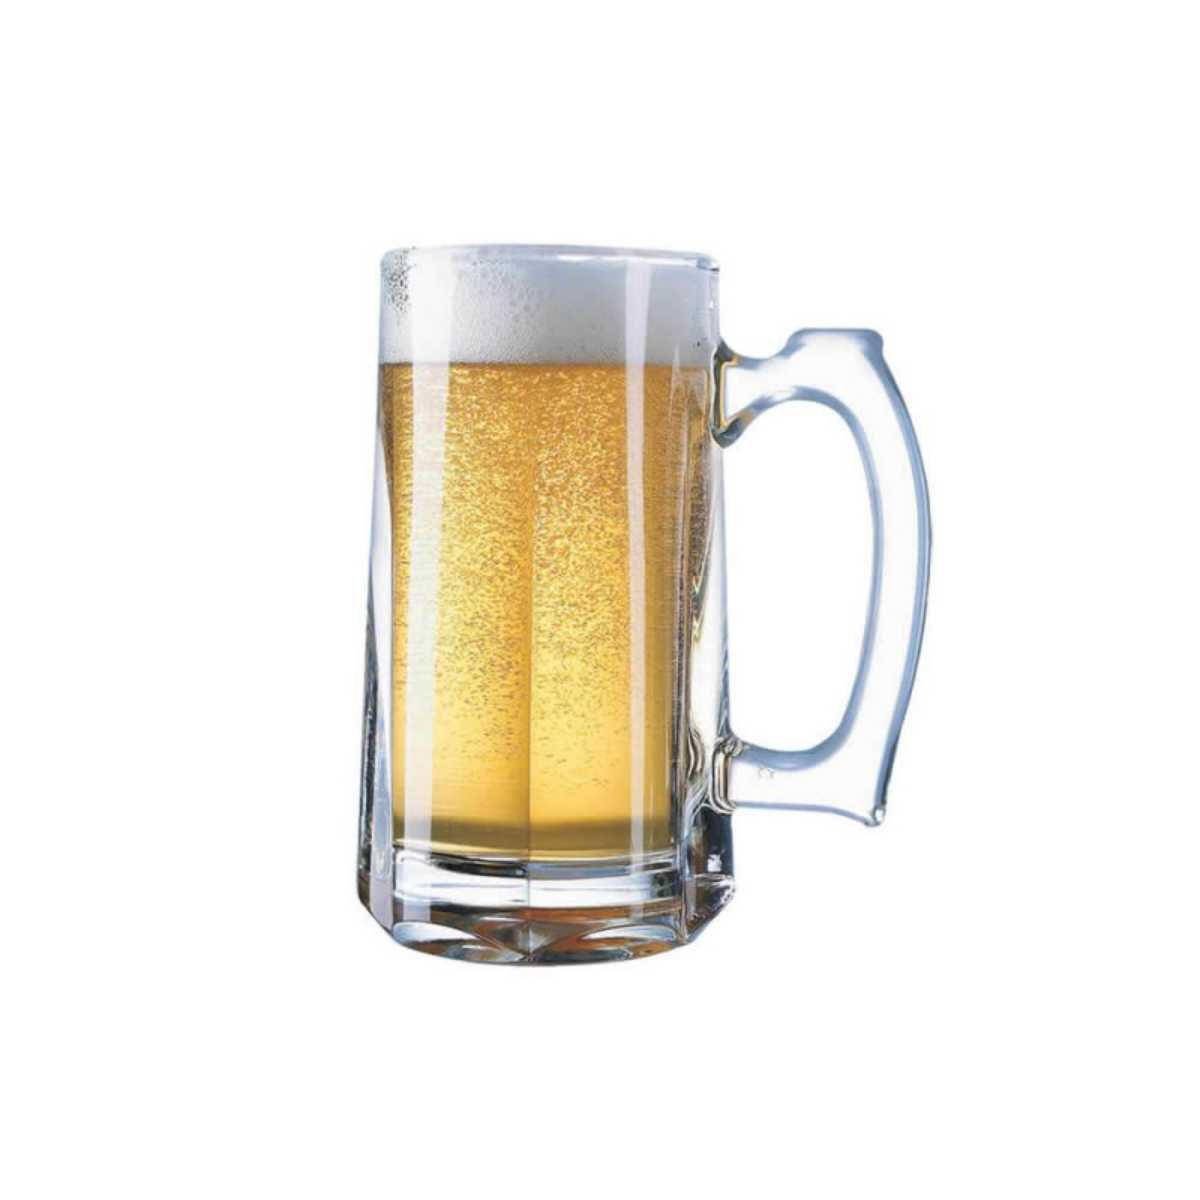 Caneca de Vidro Grosso Chopp / Cerveja 360 ml Gourmet Mix GX9054